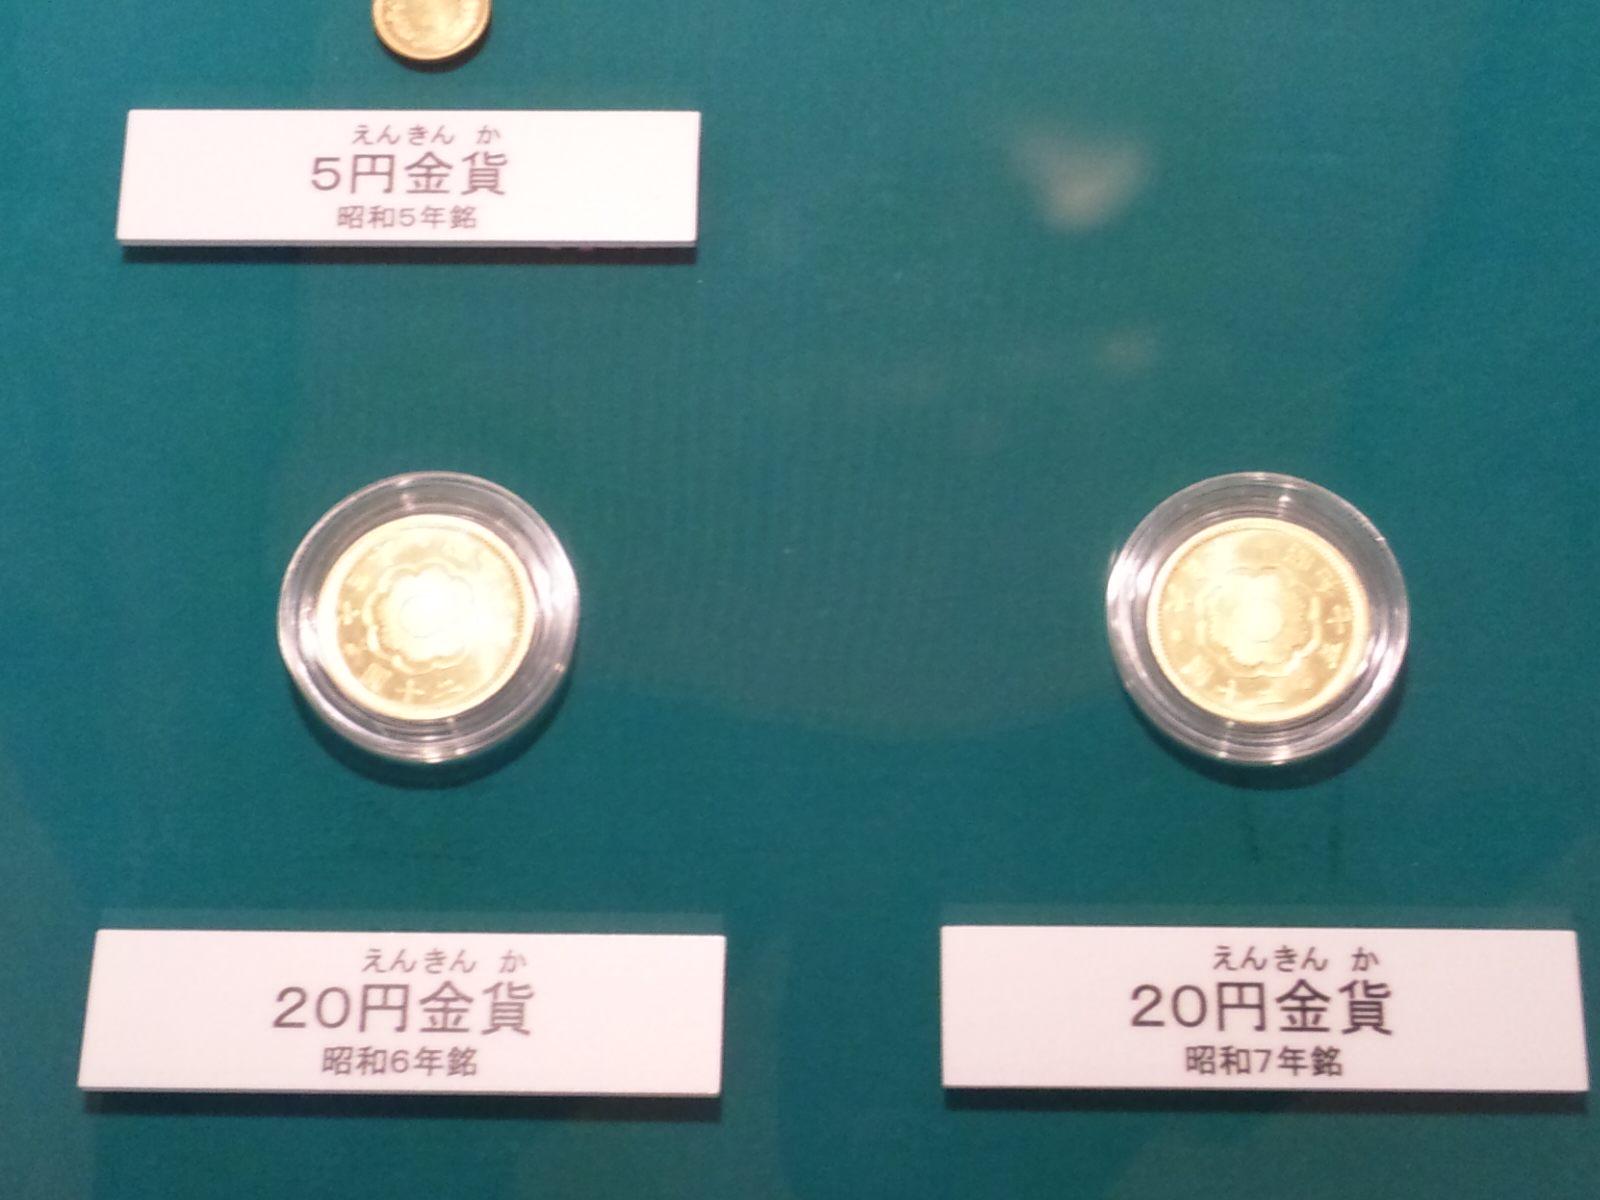 金塊と銀塊、ポスト団塊が触ると_c0027285_234233.jpg